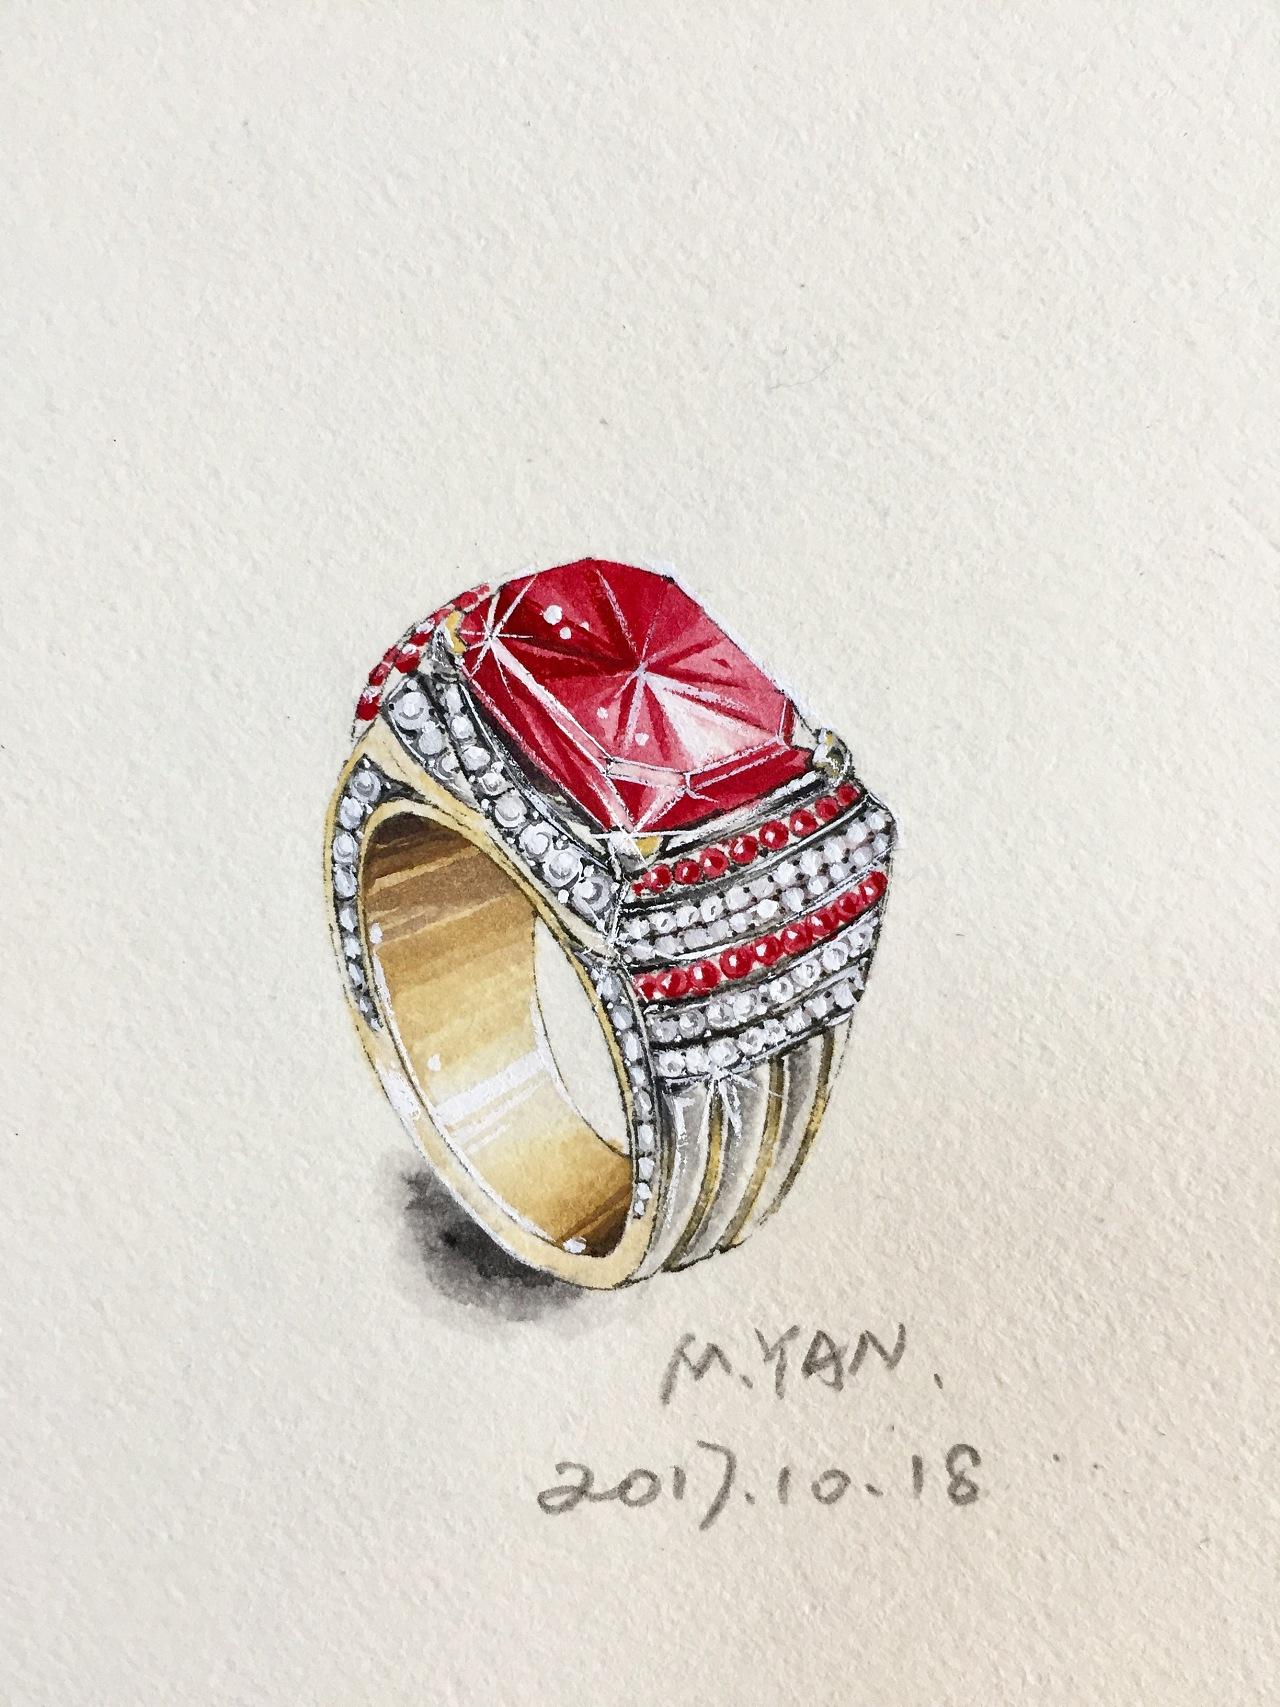 红宝石戒指设计手绘